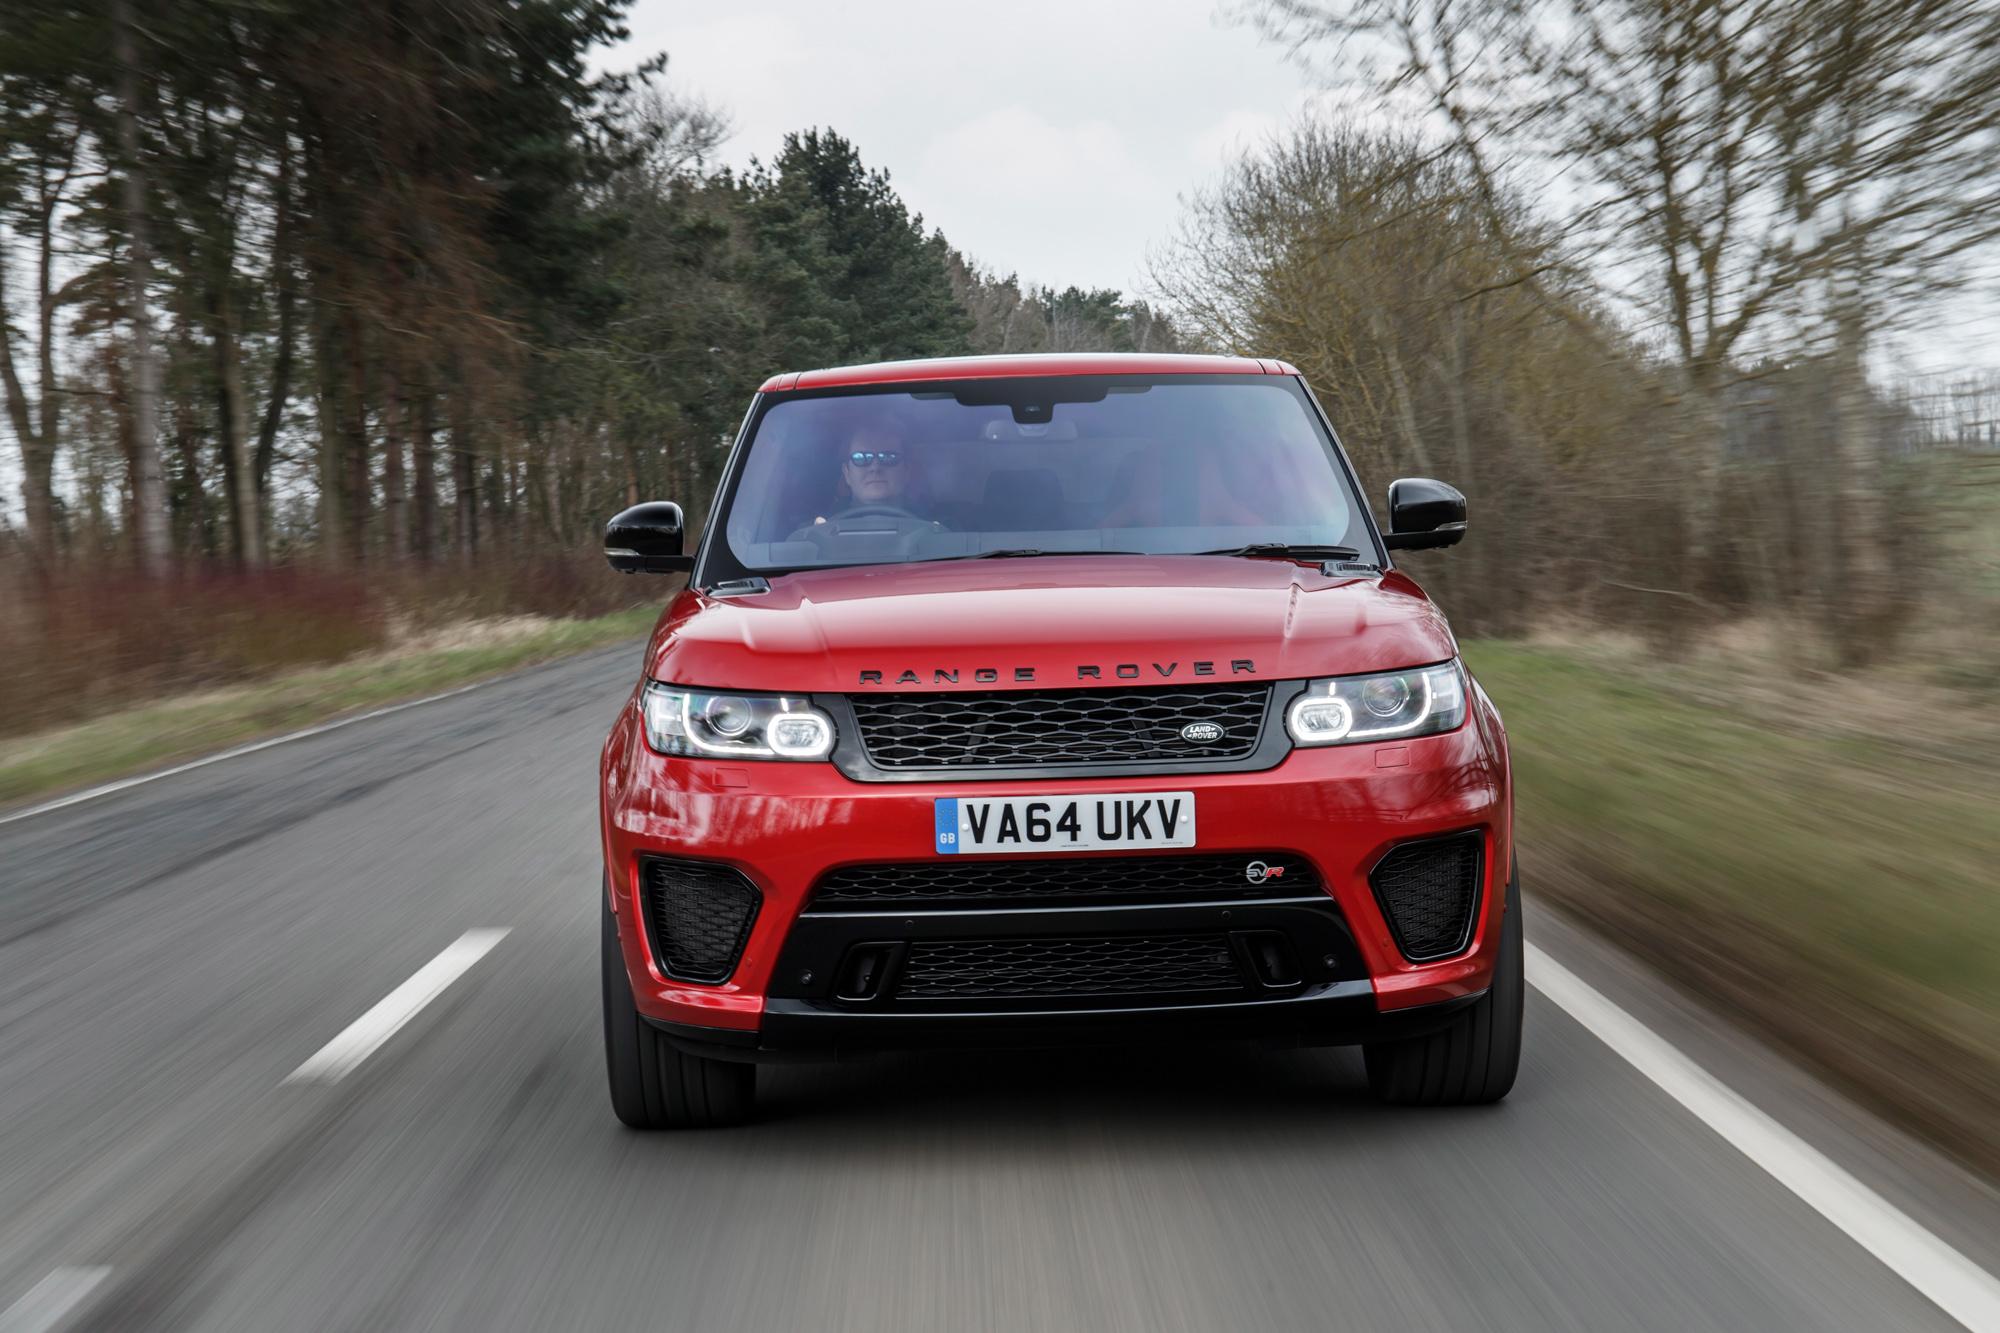 Range Rover Svr Price >> Range Rover Sport Svr 2015 2018 Review Price Specs And